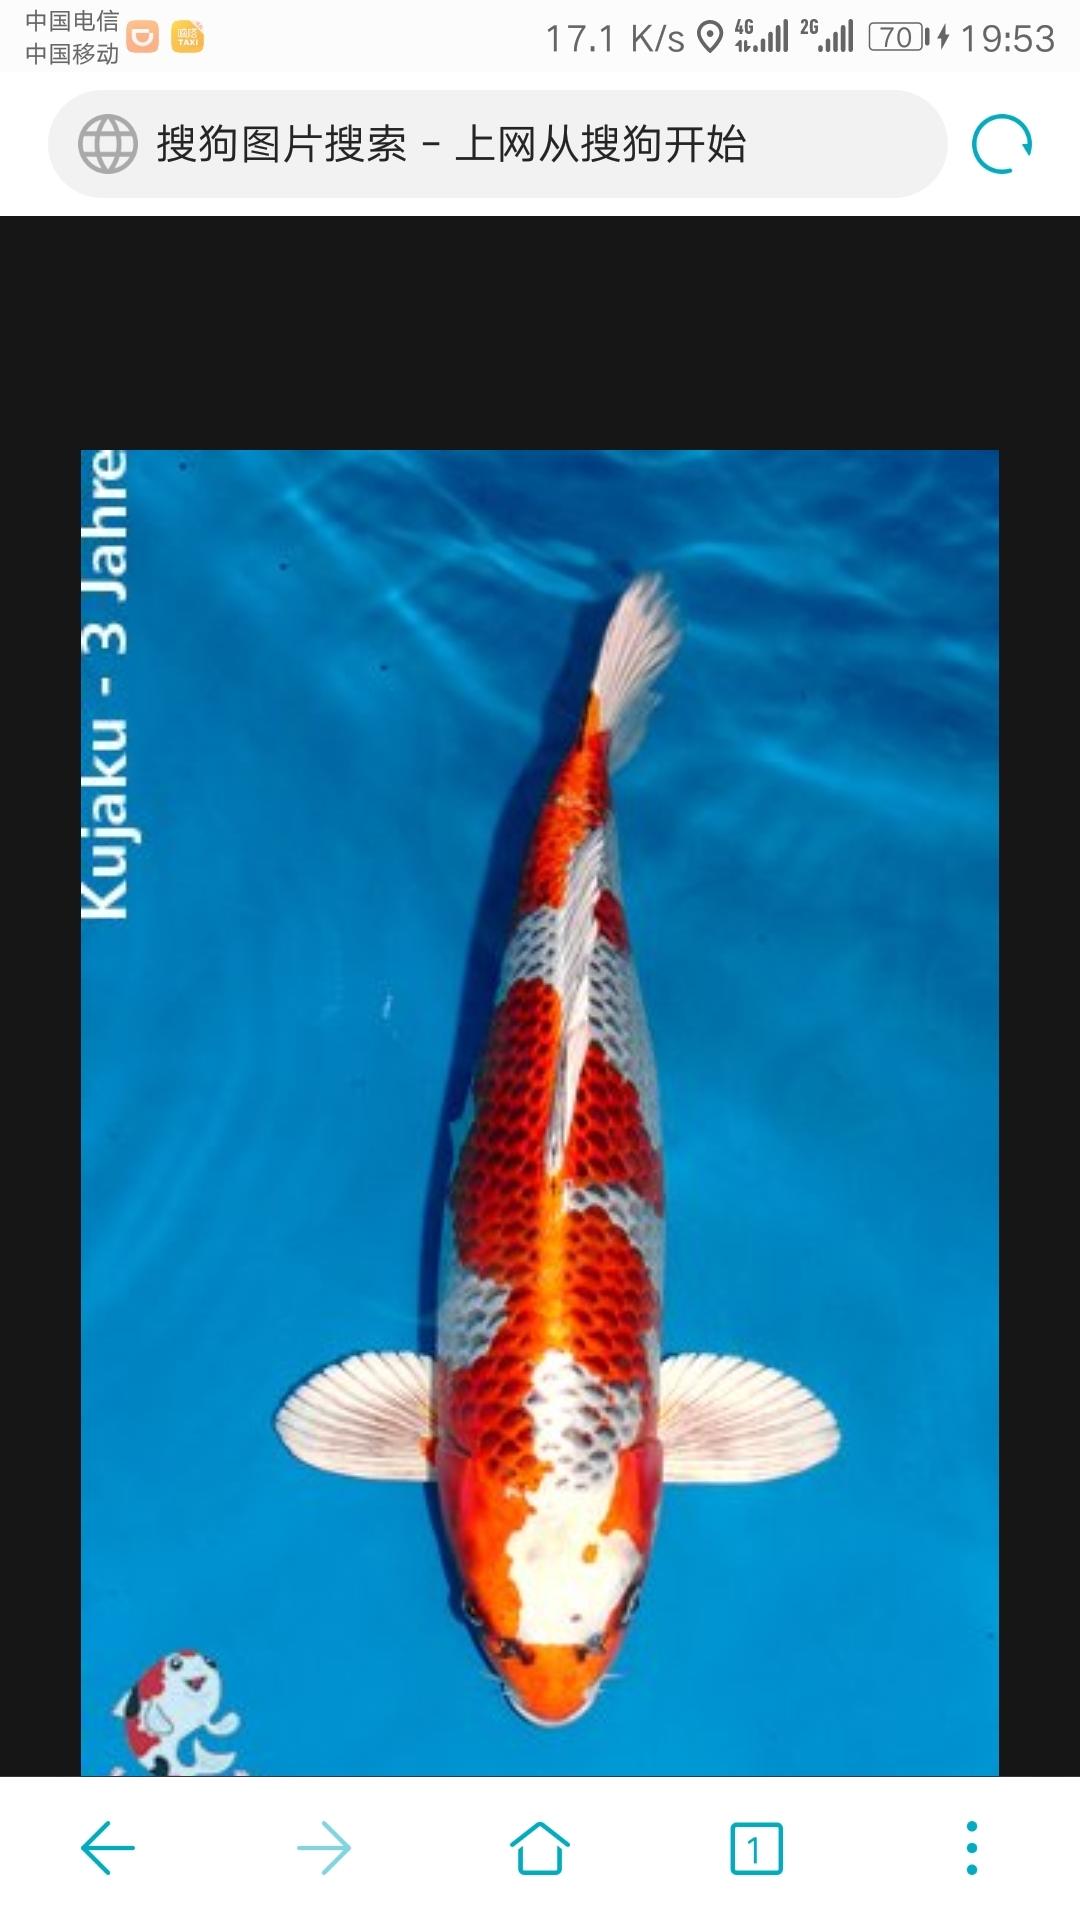 【西安白子魟鱼】锦鲤第八篇 西安观赏鱼信息 西安博特第5张